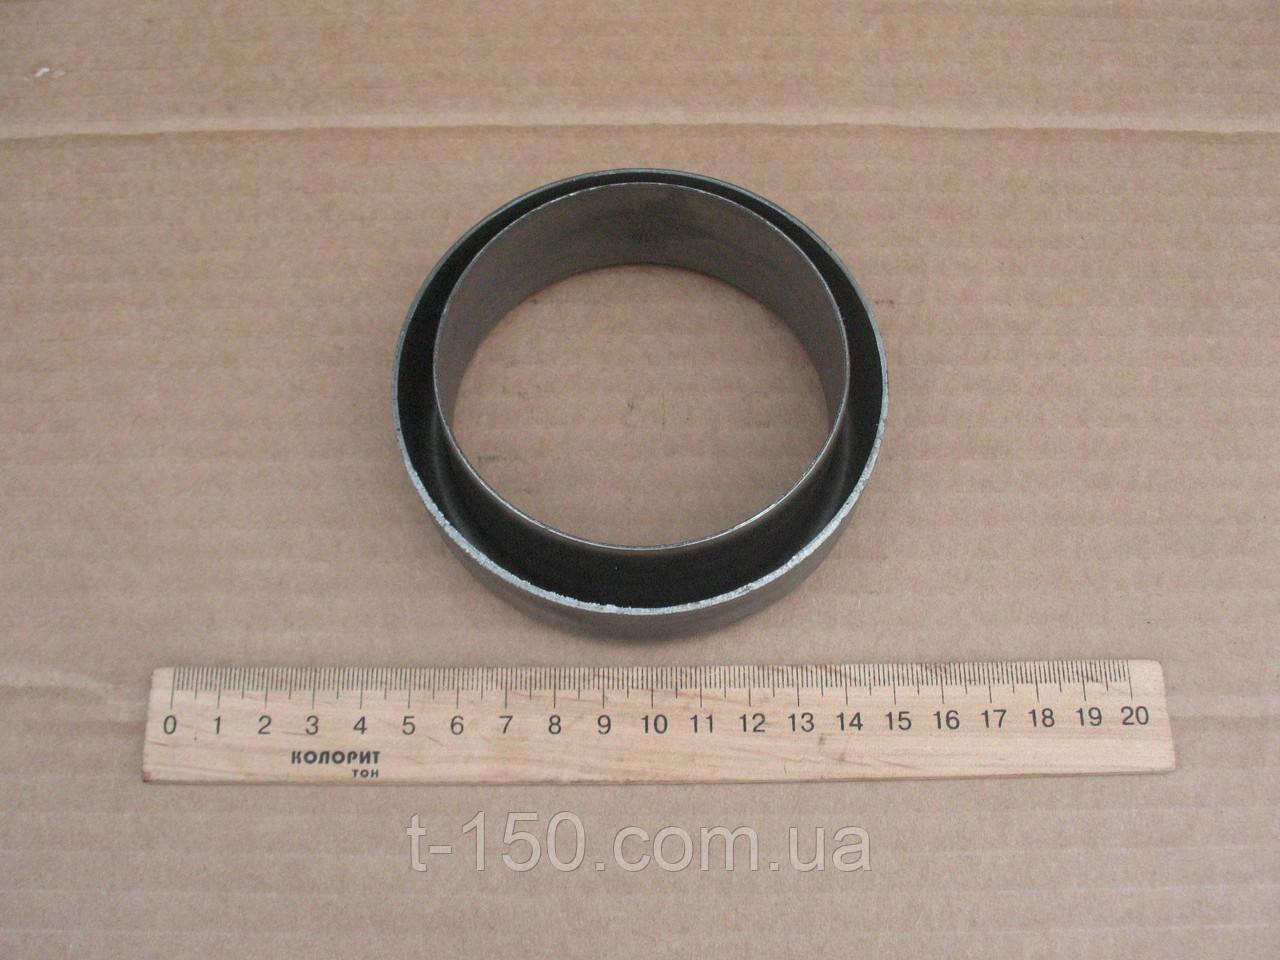 Колпак уплотнения катка ДТ-75 (пыльник) метал. (54.31.466)